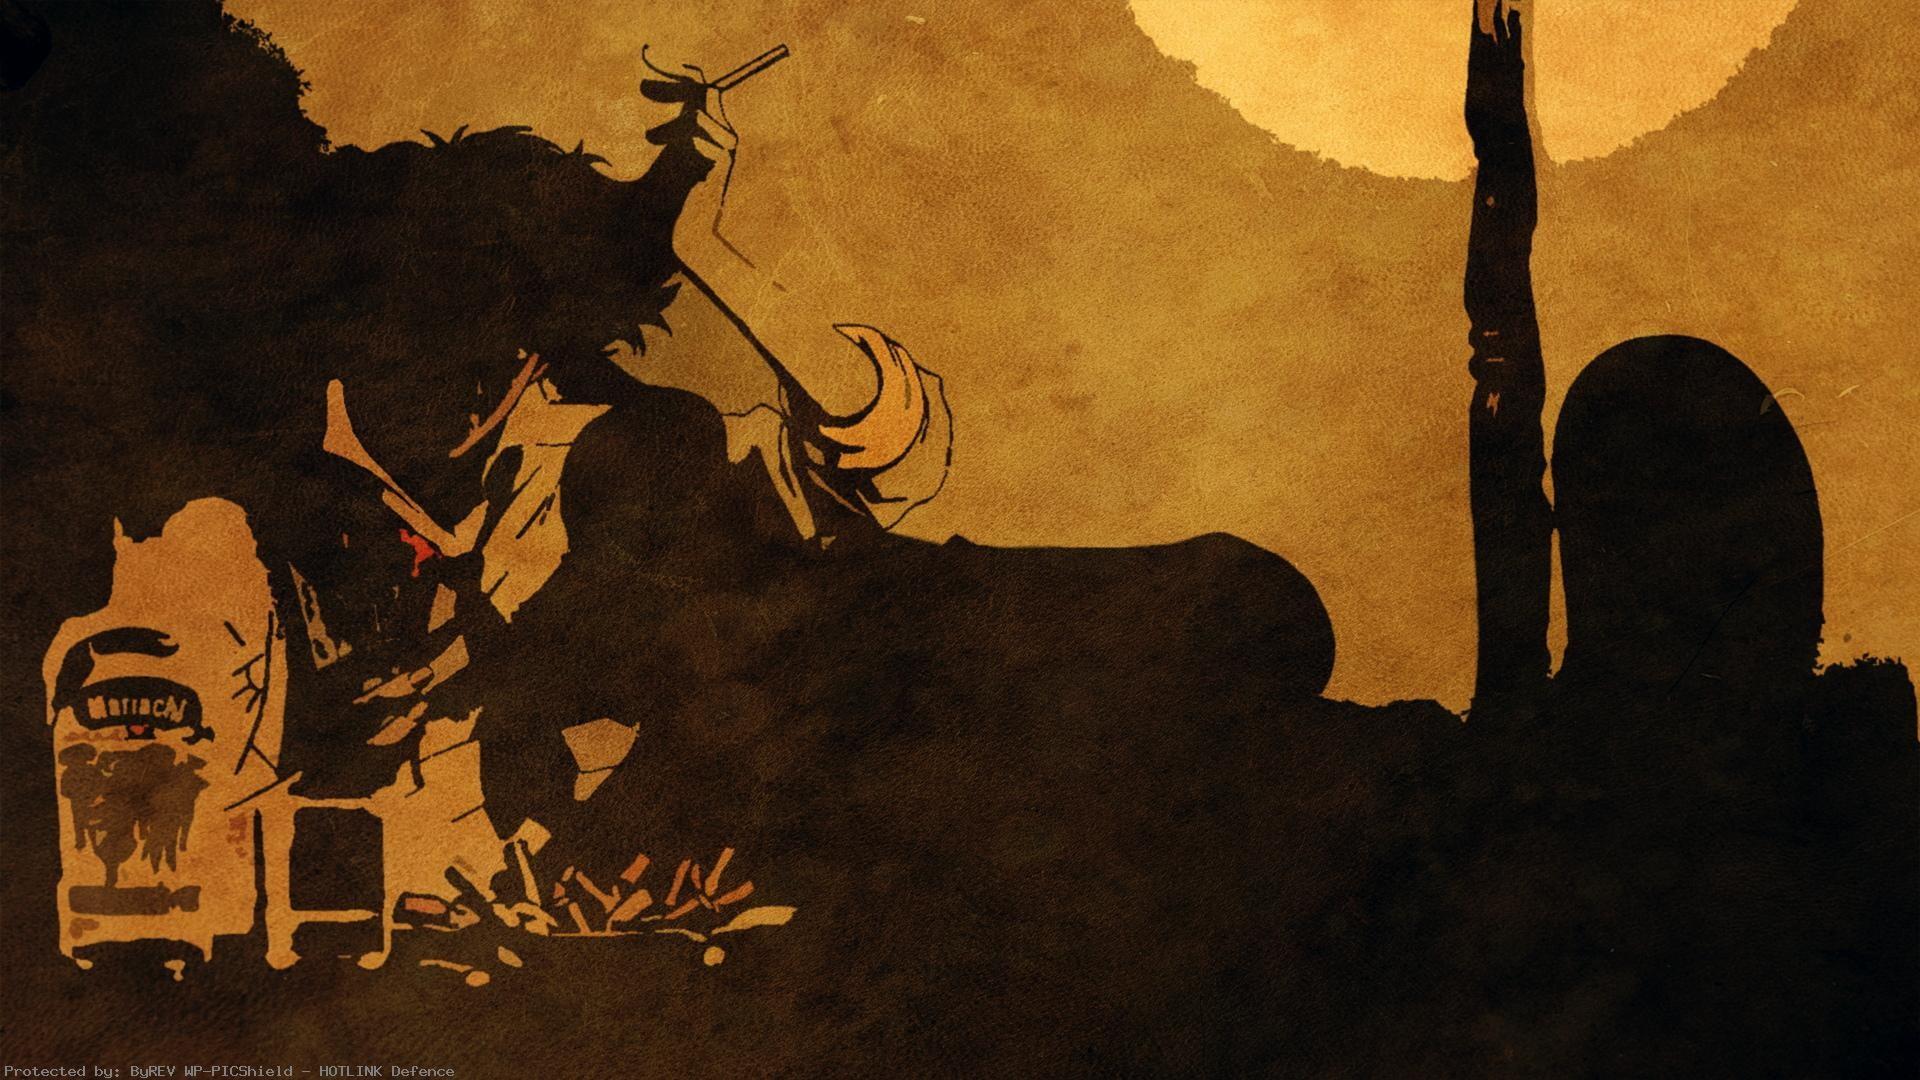 Dallas-Cowboys-Image-1920%C3%971080-Cowboy-Pictures-